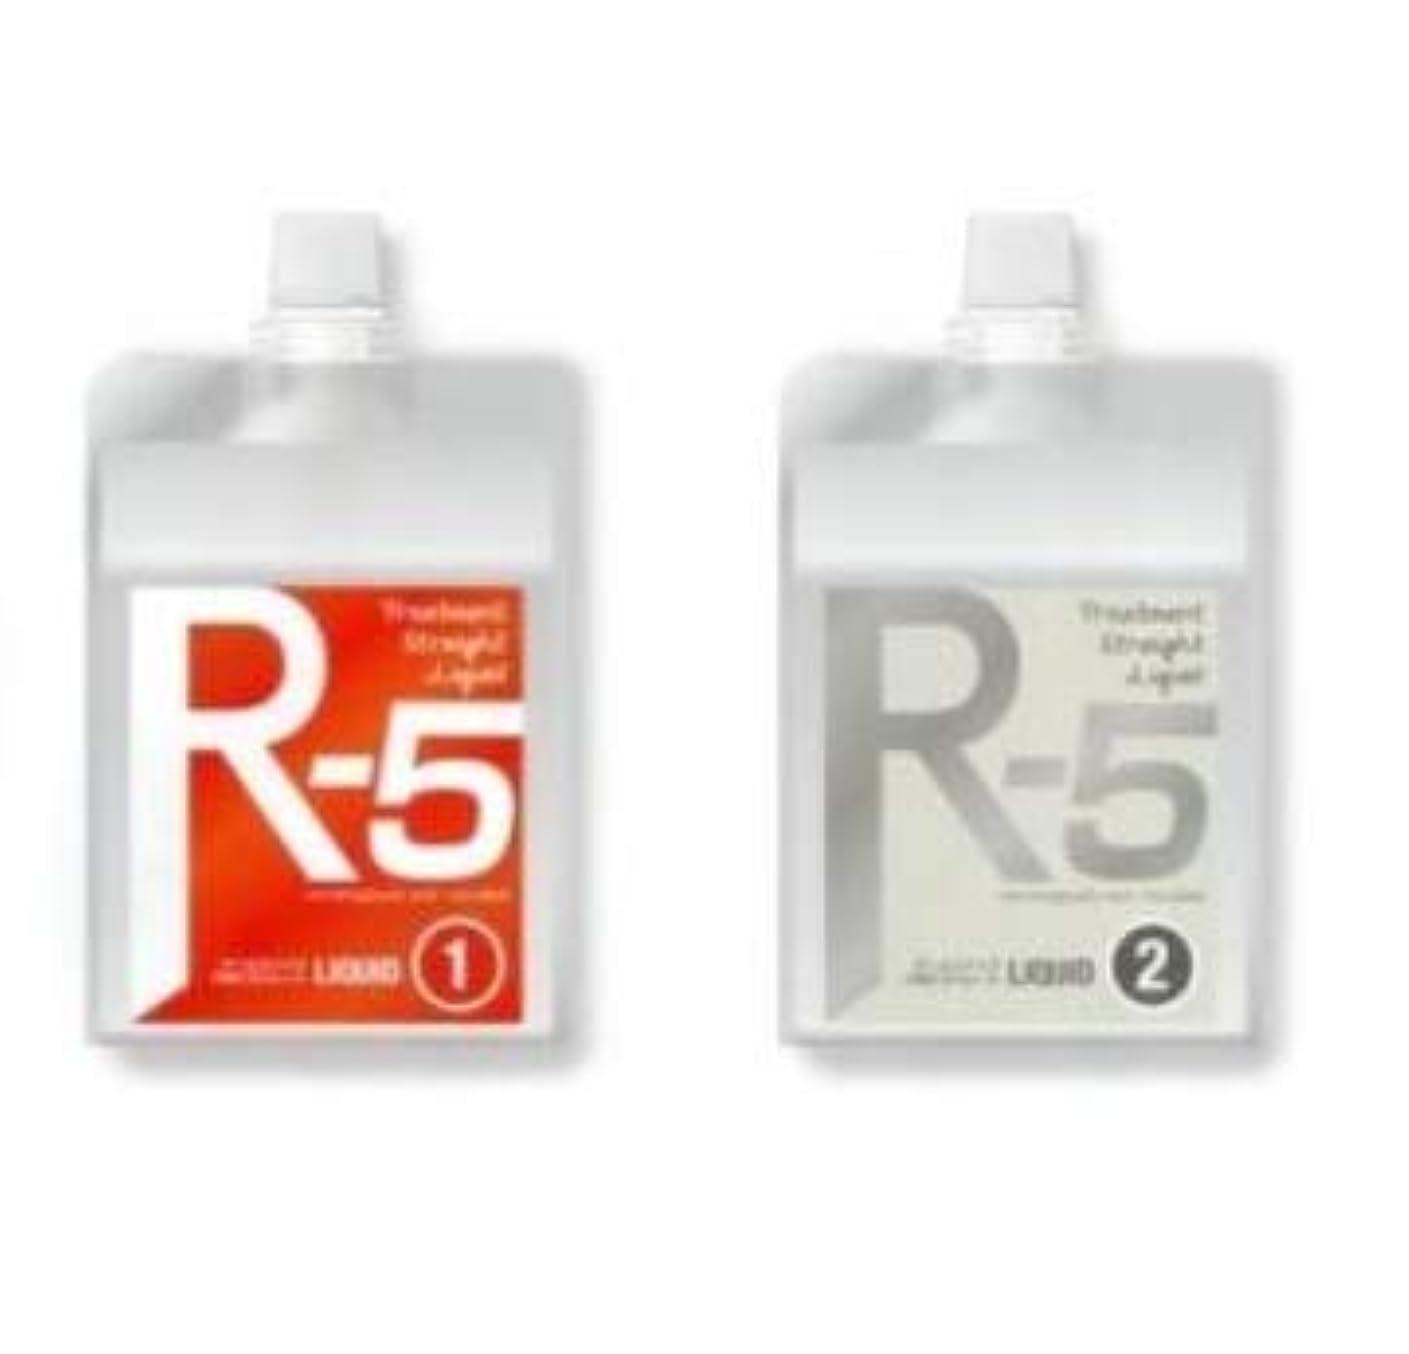 瞬時にゆりかご性交CMCトリートメントストレート R-5 レッド(レギュラー) ストレート剤 ダメージレス